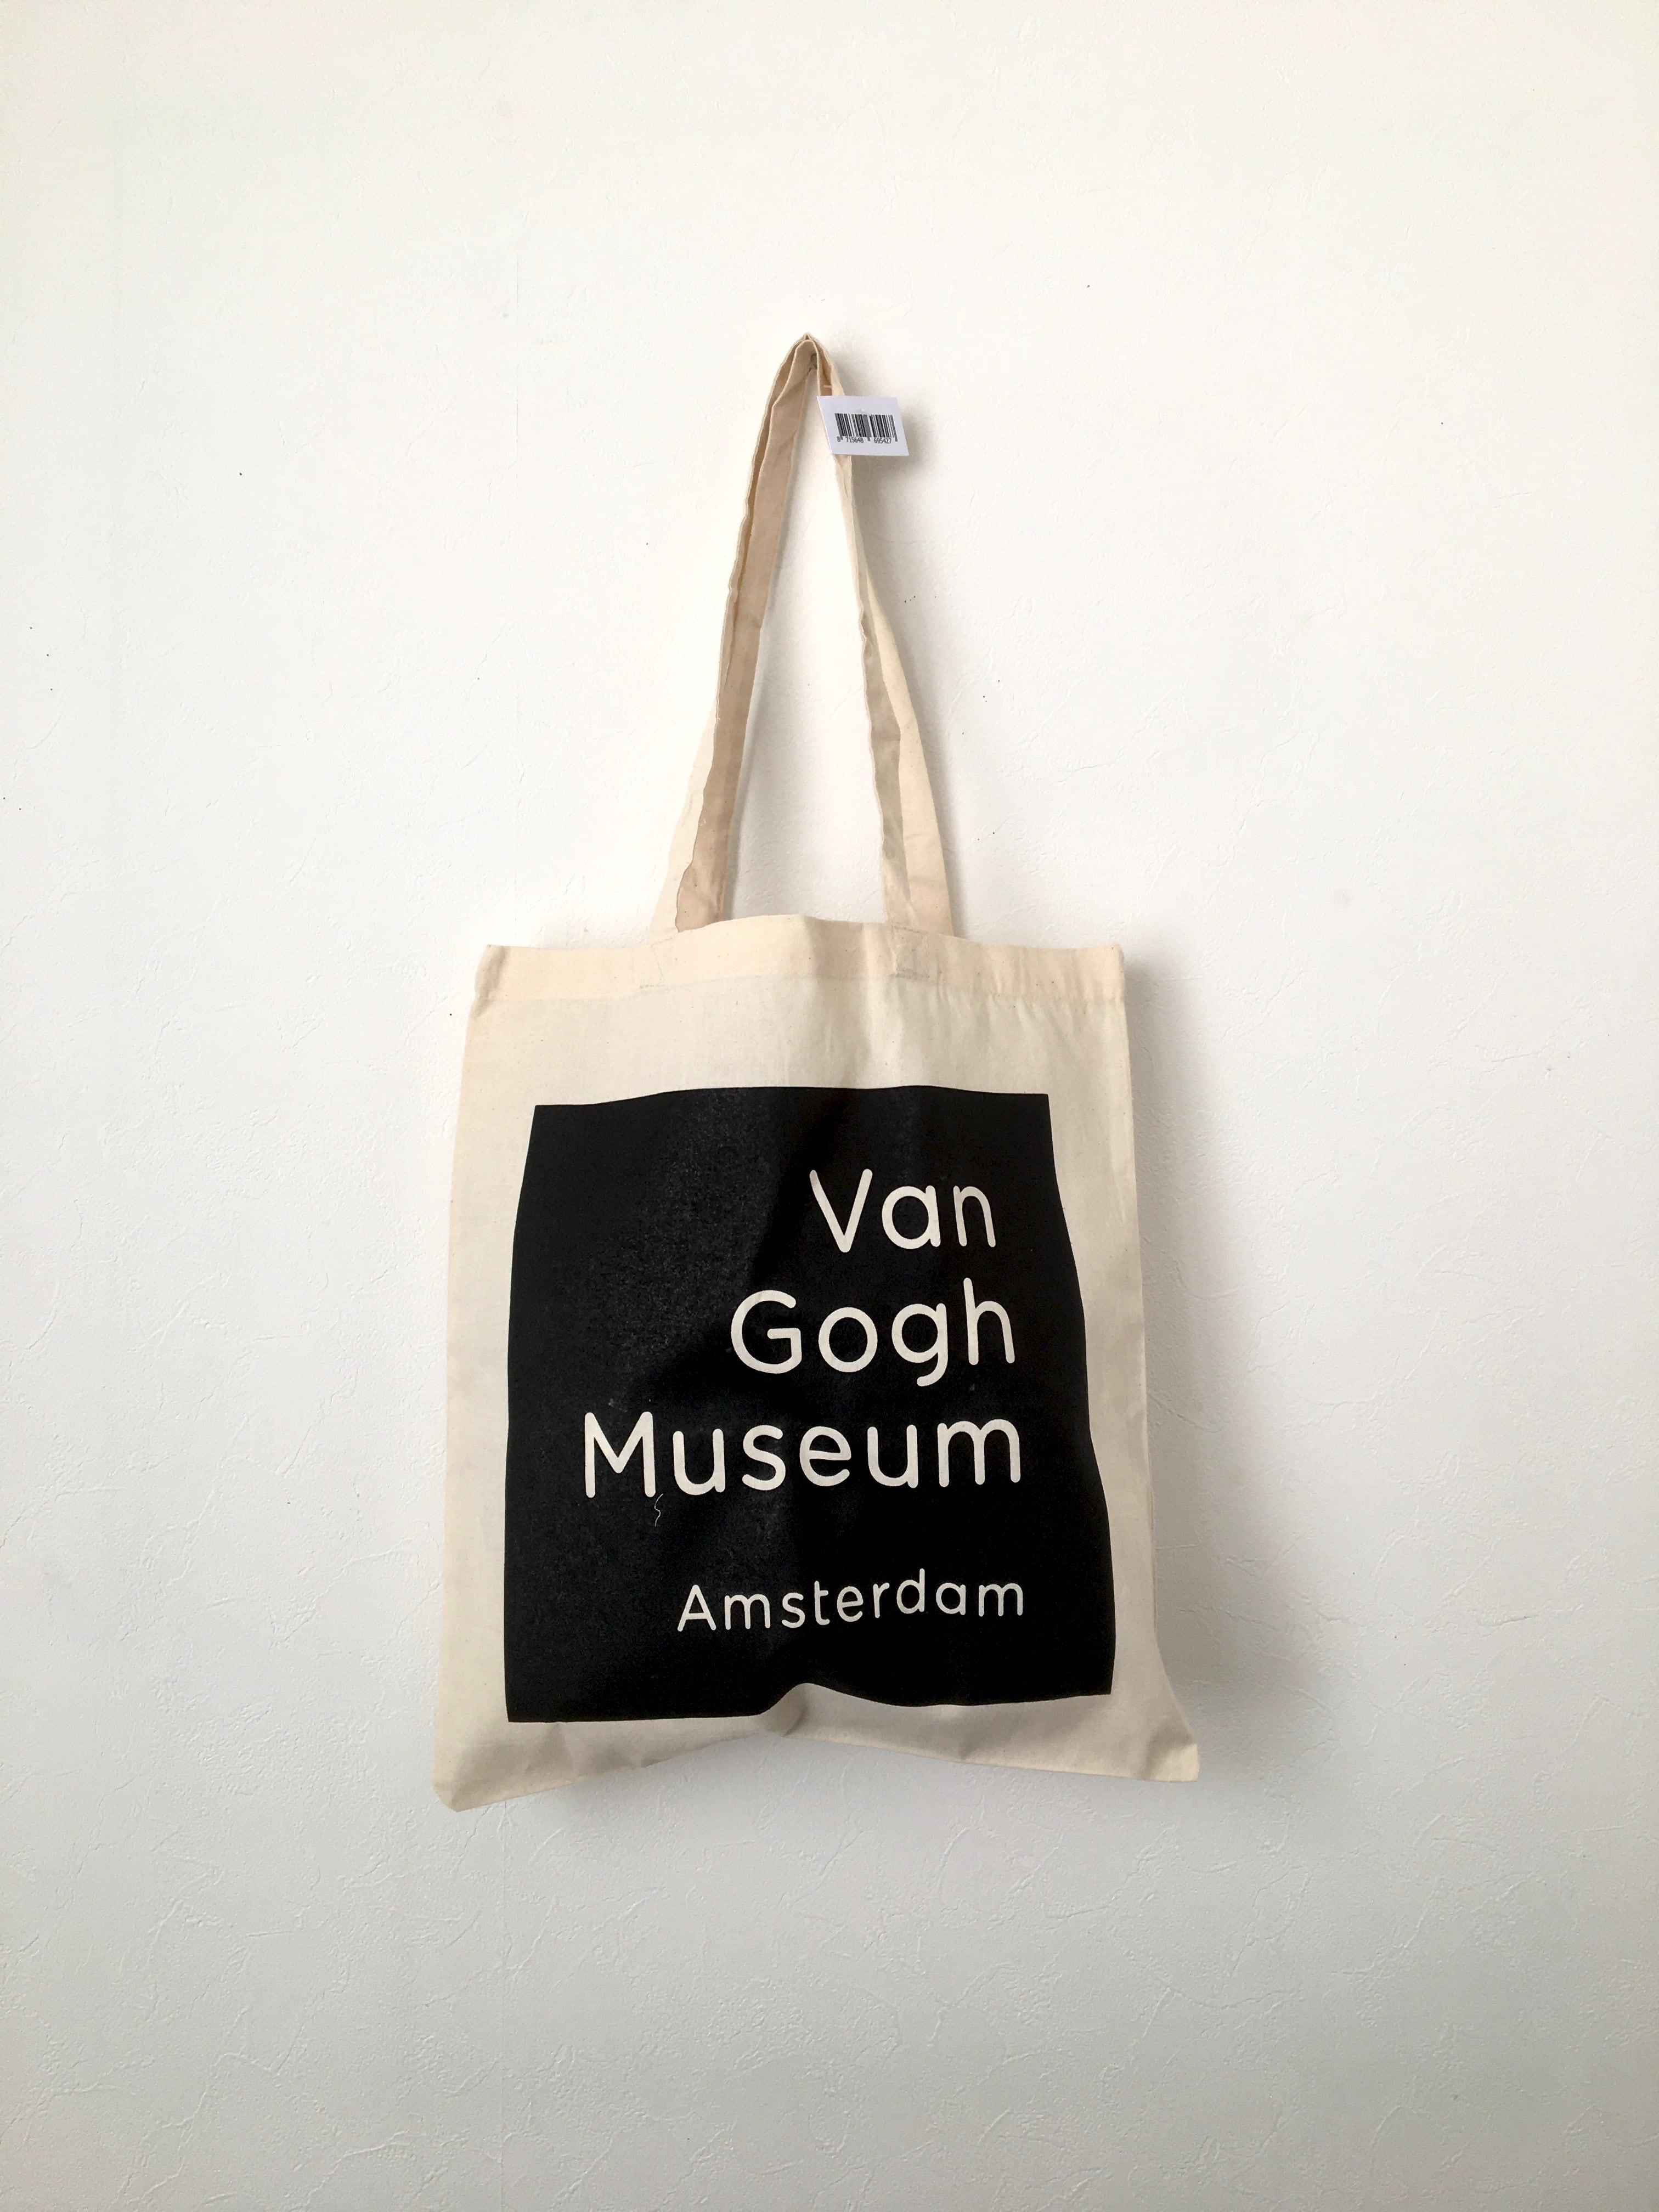 【訳ありセール】ゴッホミュージアムのトートバッグ④|【Substandard】Tote Bag of Van Gogh Museum